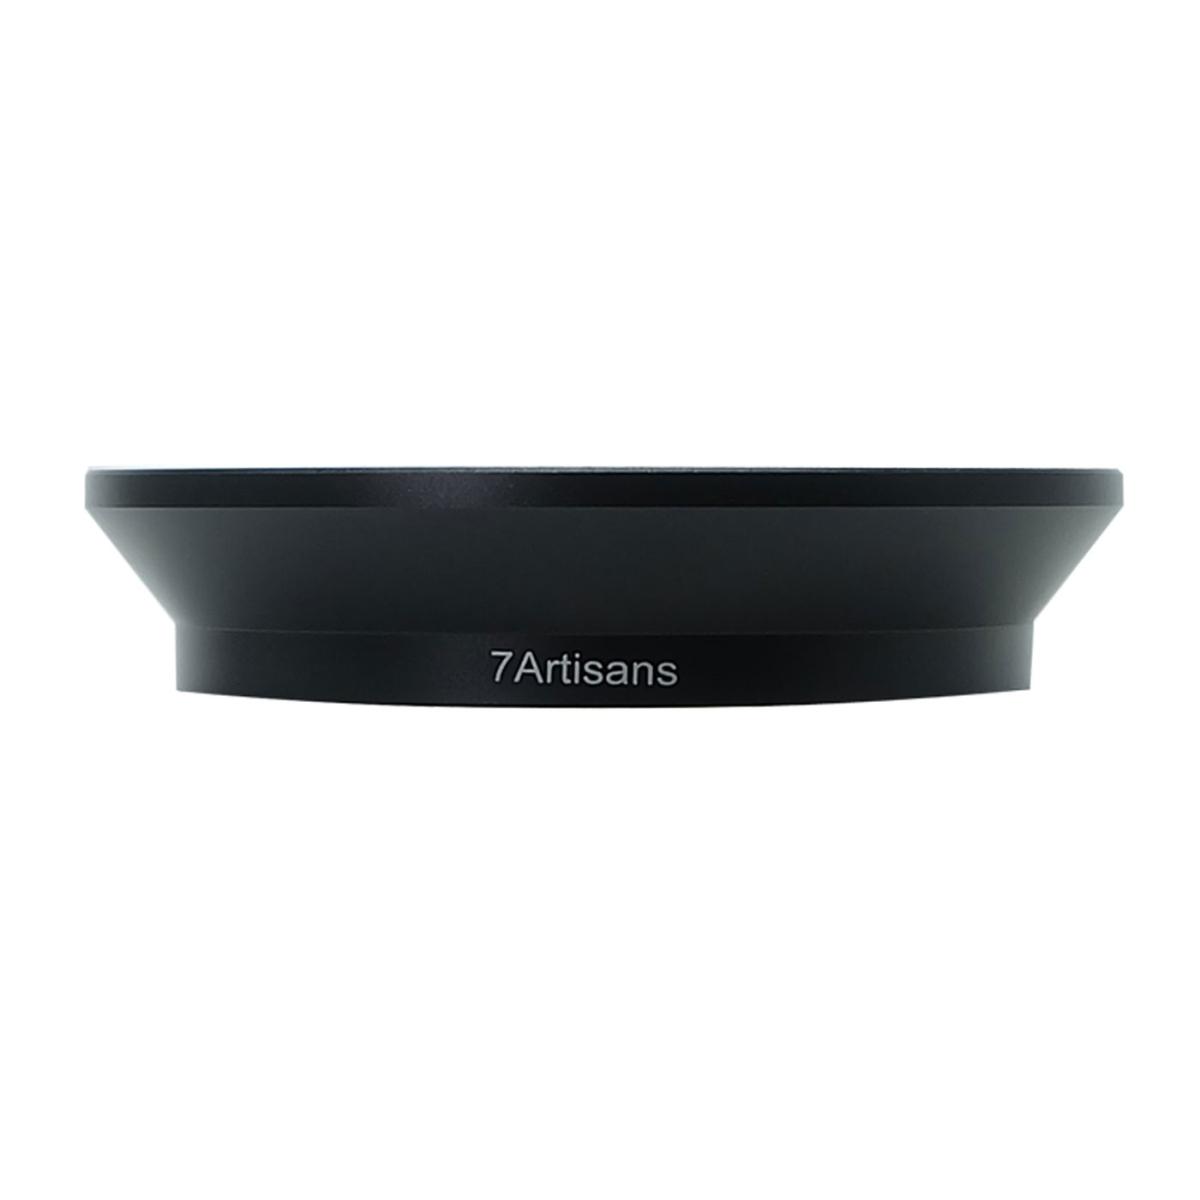 7Artisans Filteradapter 77 mm für 12 mm 1:2,8